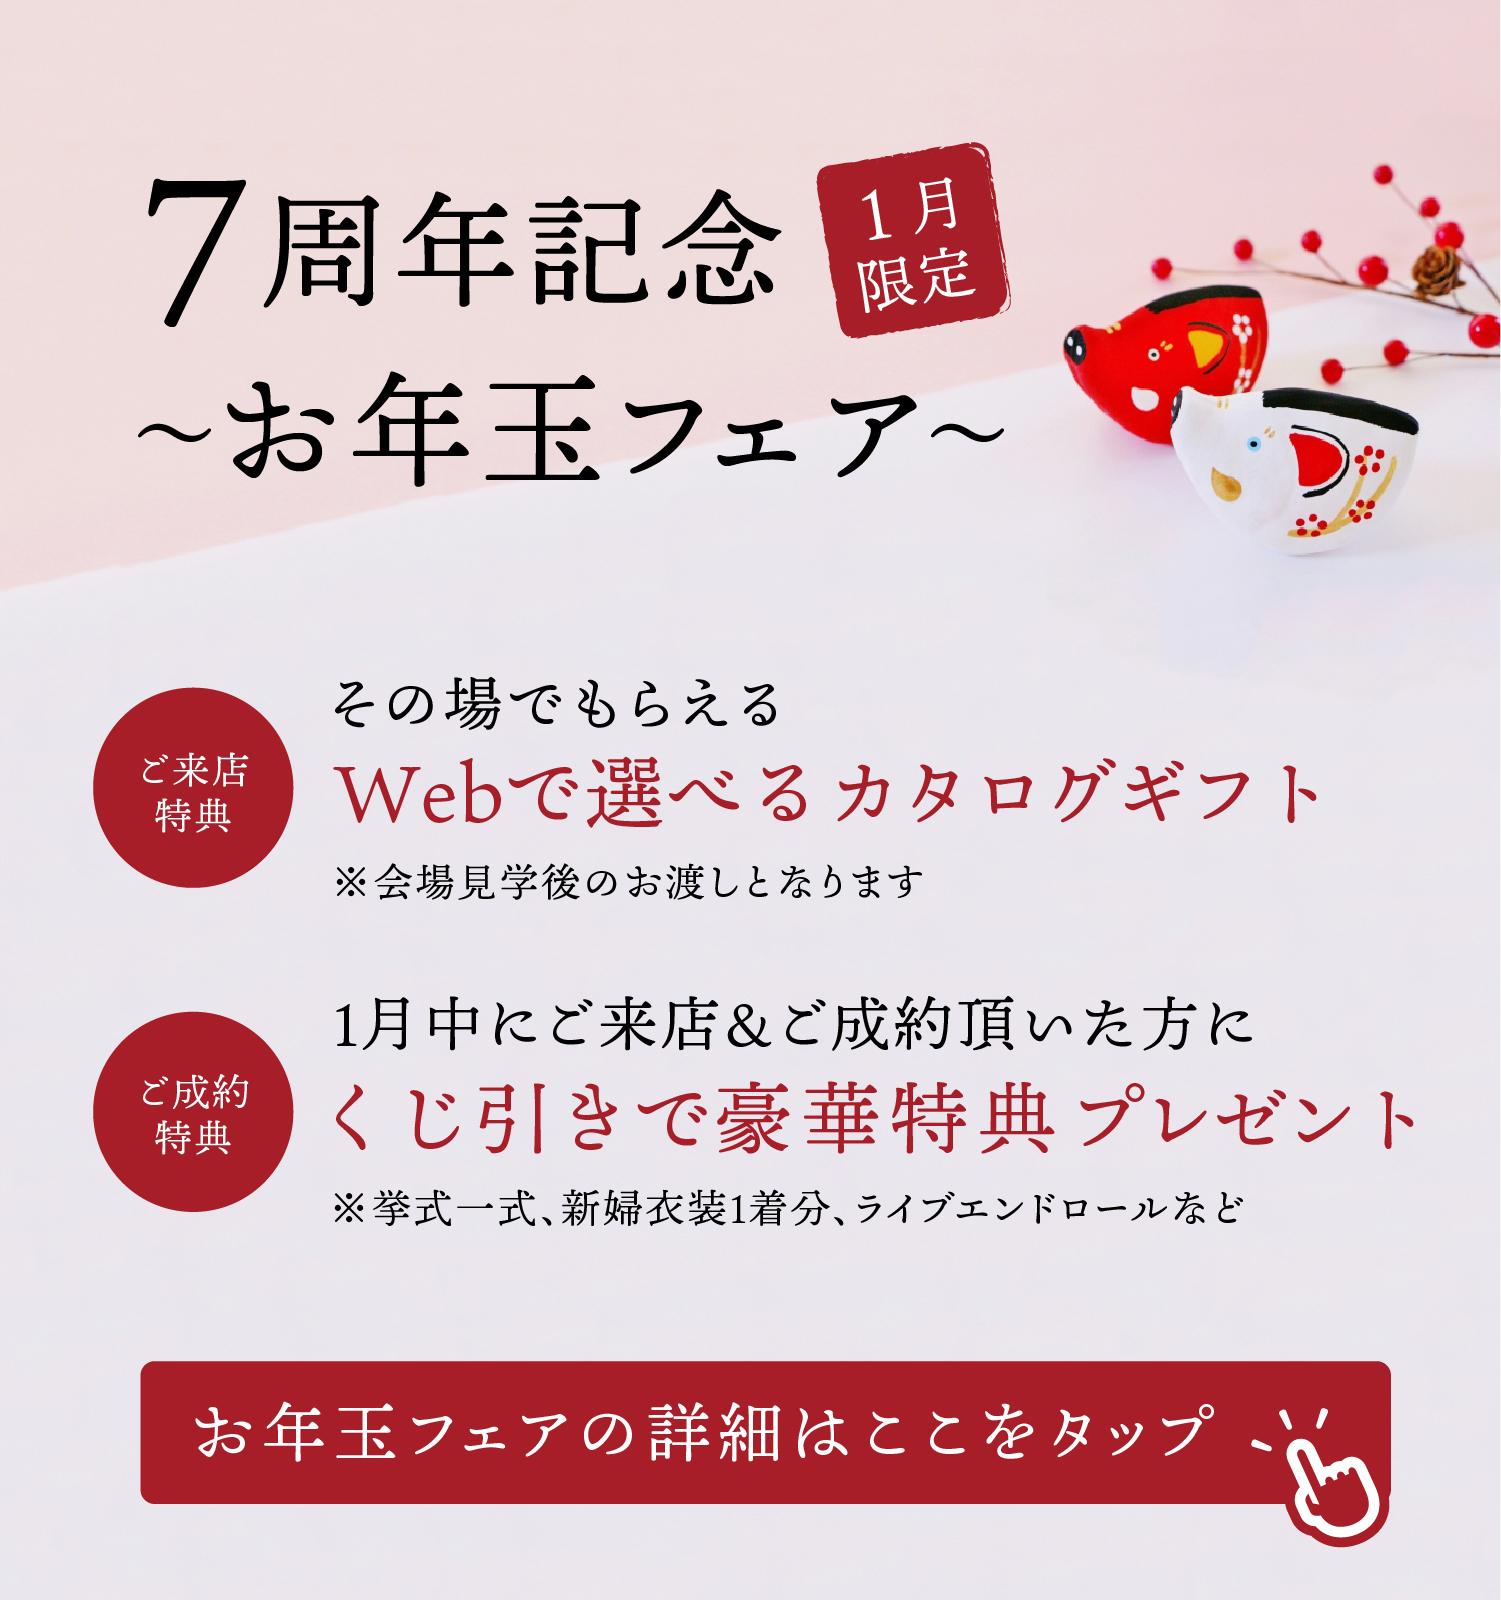 7周年記念〜お年玉フェア〜